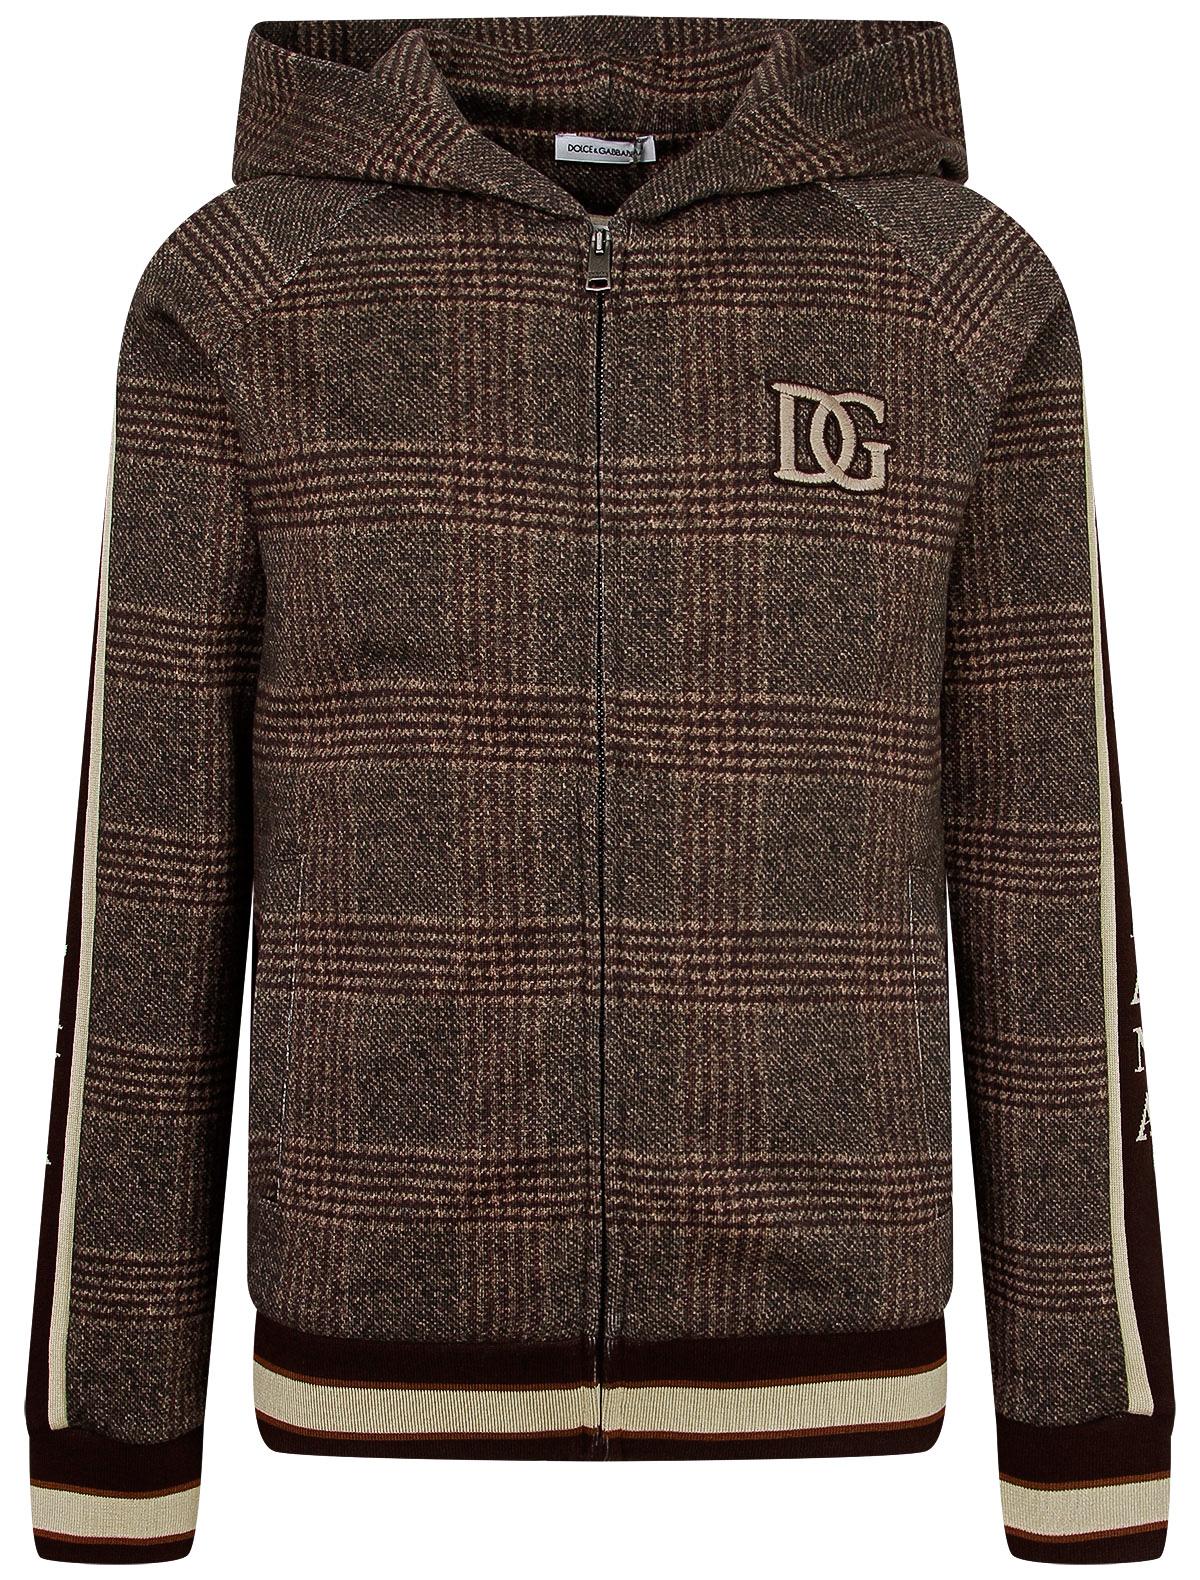 Купить 2246330, Толстовка Dolce & Gabbana, коричневый, Мужской, 0074519082277